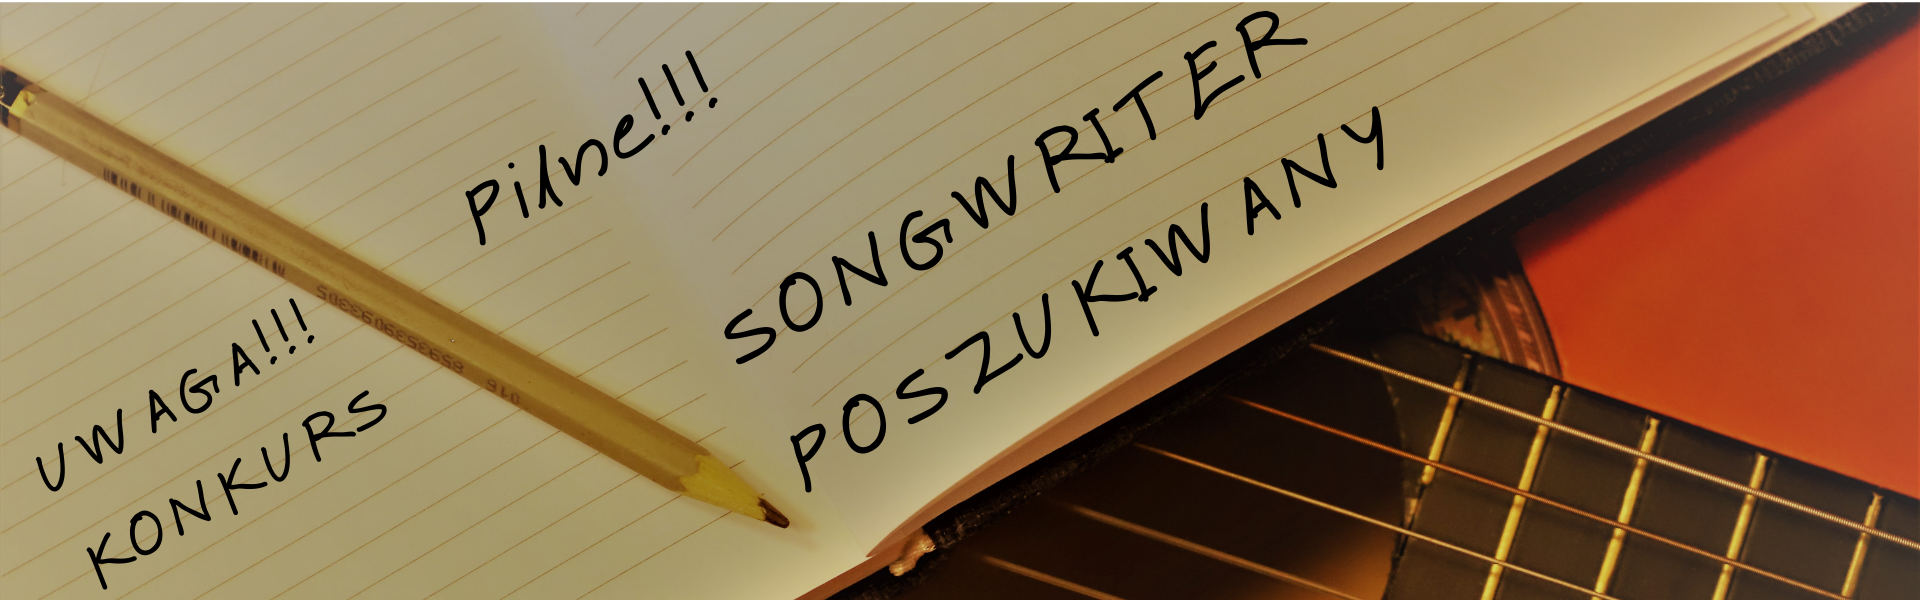 Baner informujący o konkursie Songwriter Poszukiwany